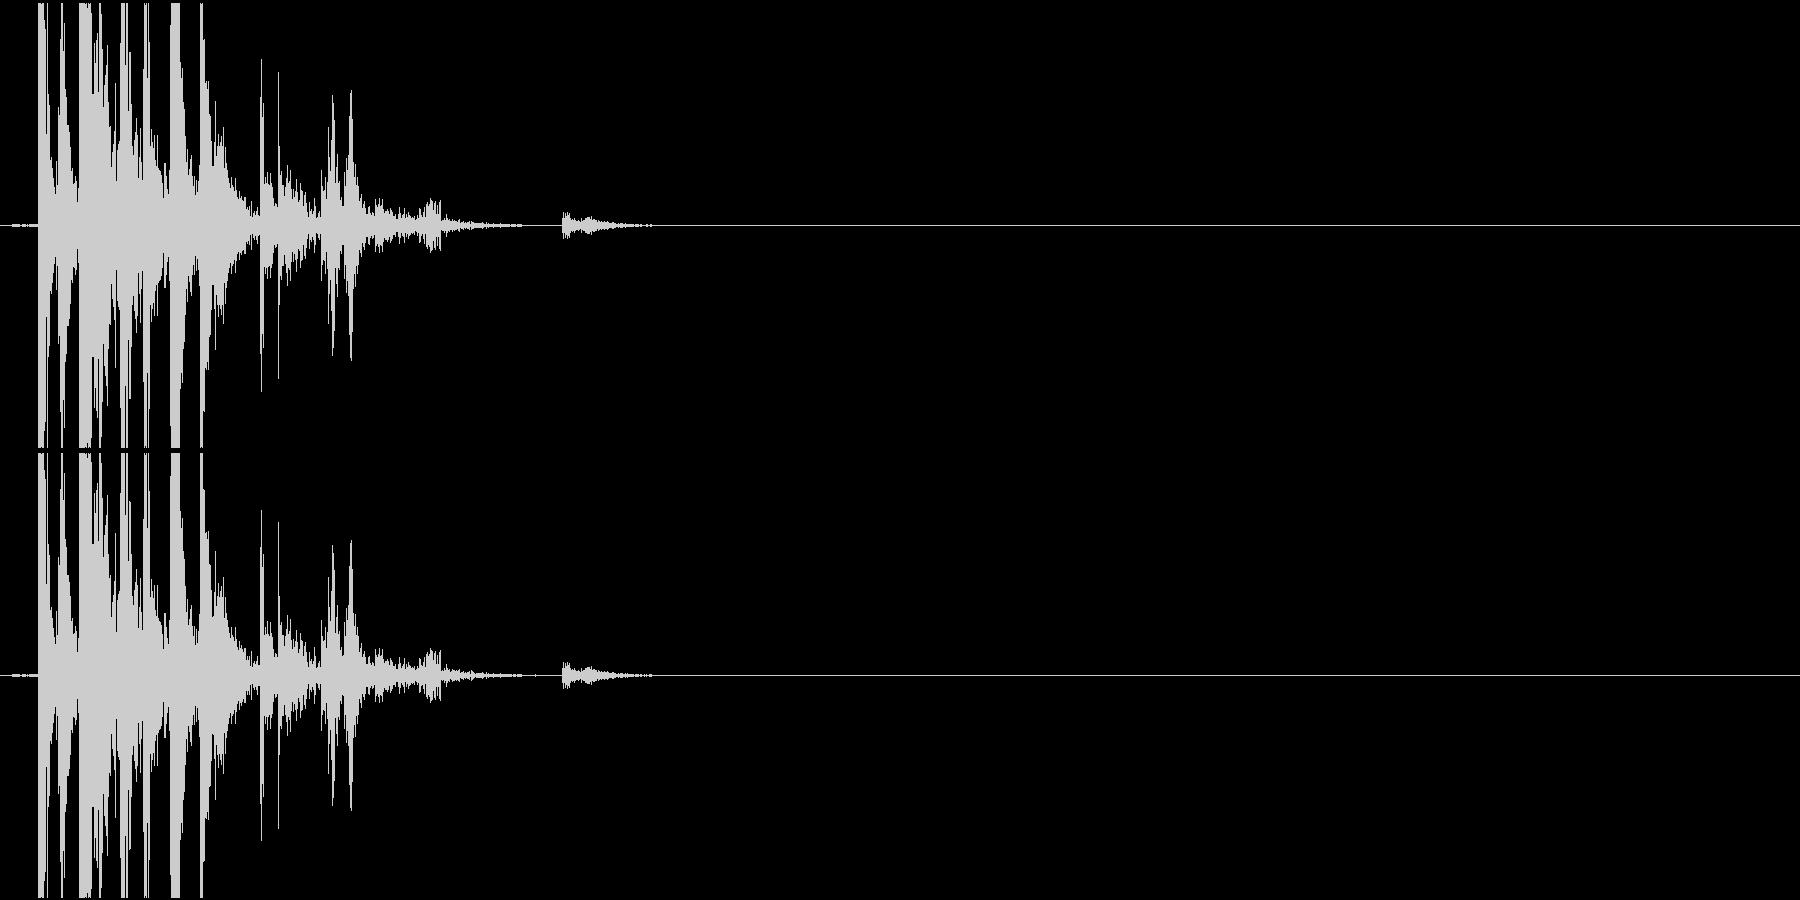 Chopsticks 箸を投げ置く音の未再生の波形